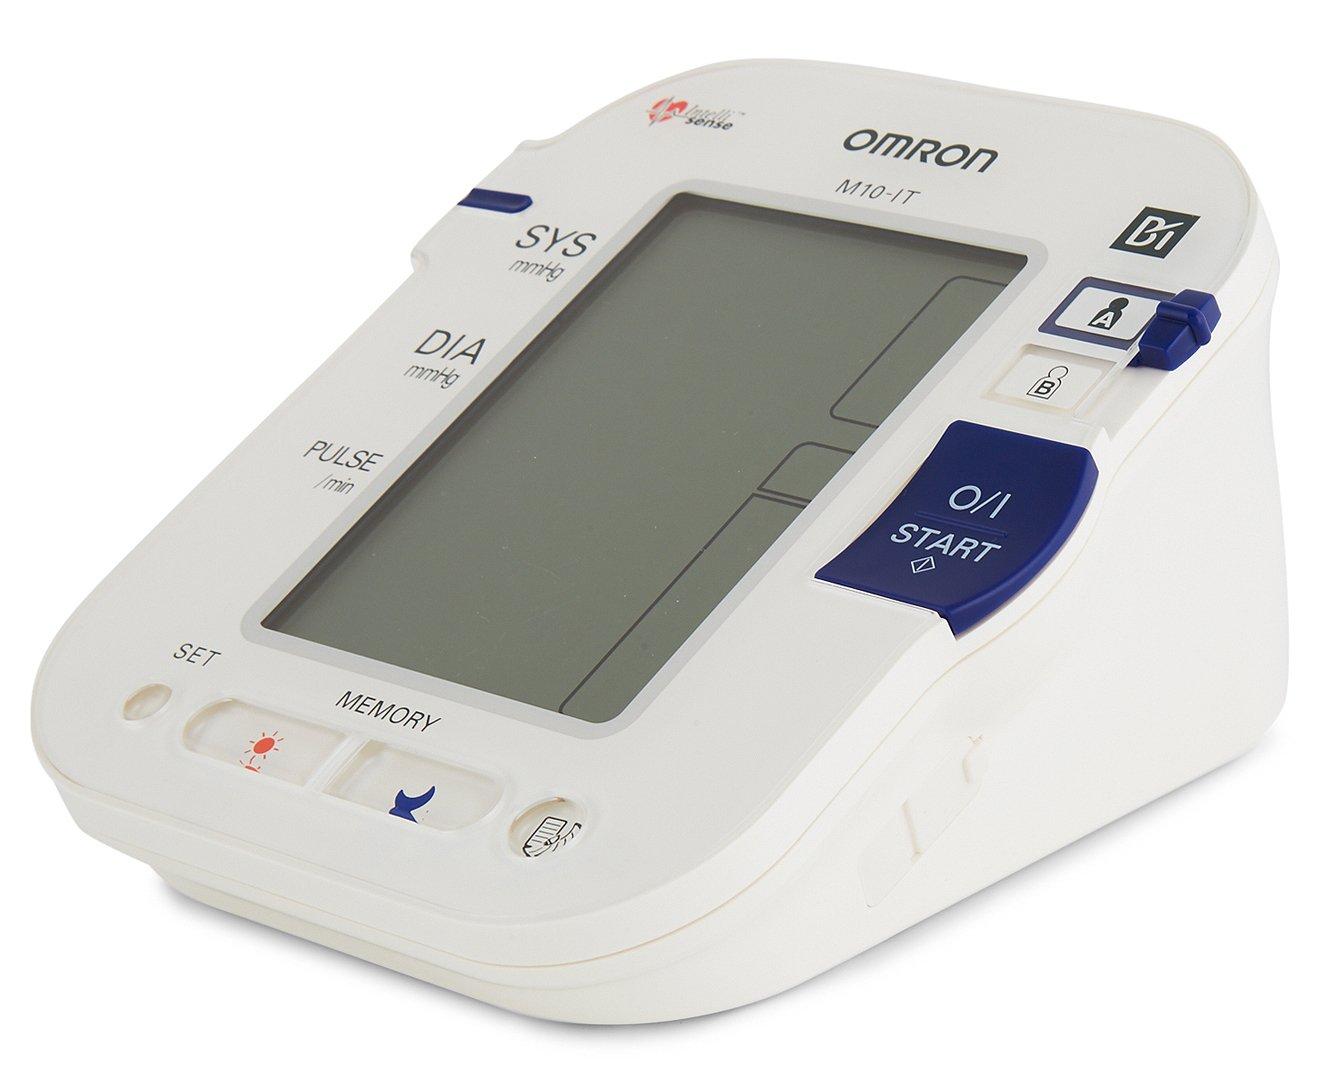 OMRON BLOOD PRESSURE MONITOR- M10 IT: Amazon.es: Salud y cuidado personal